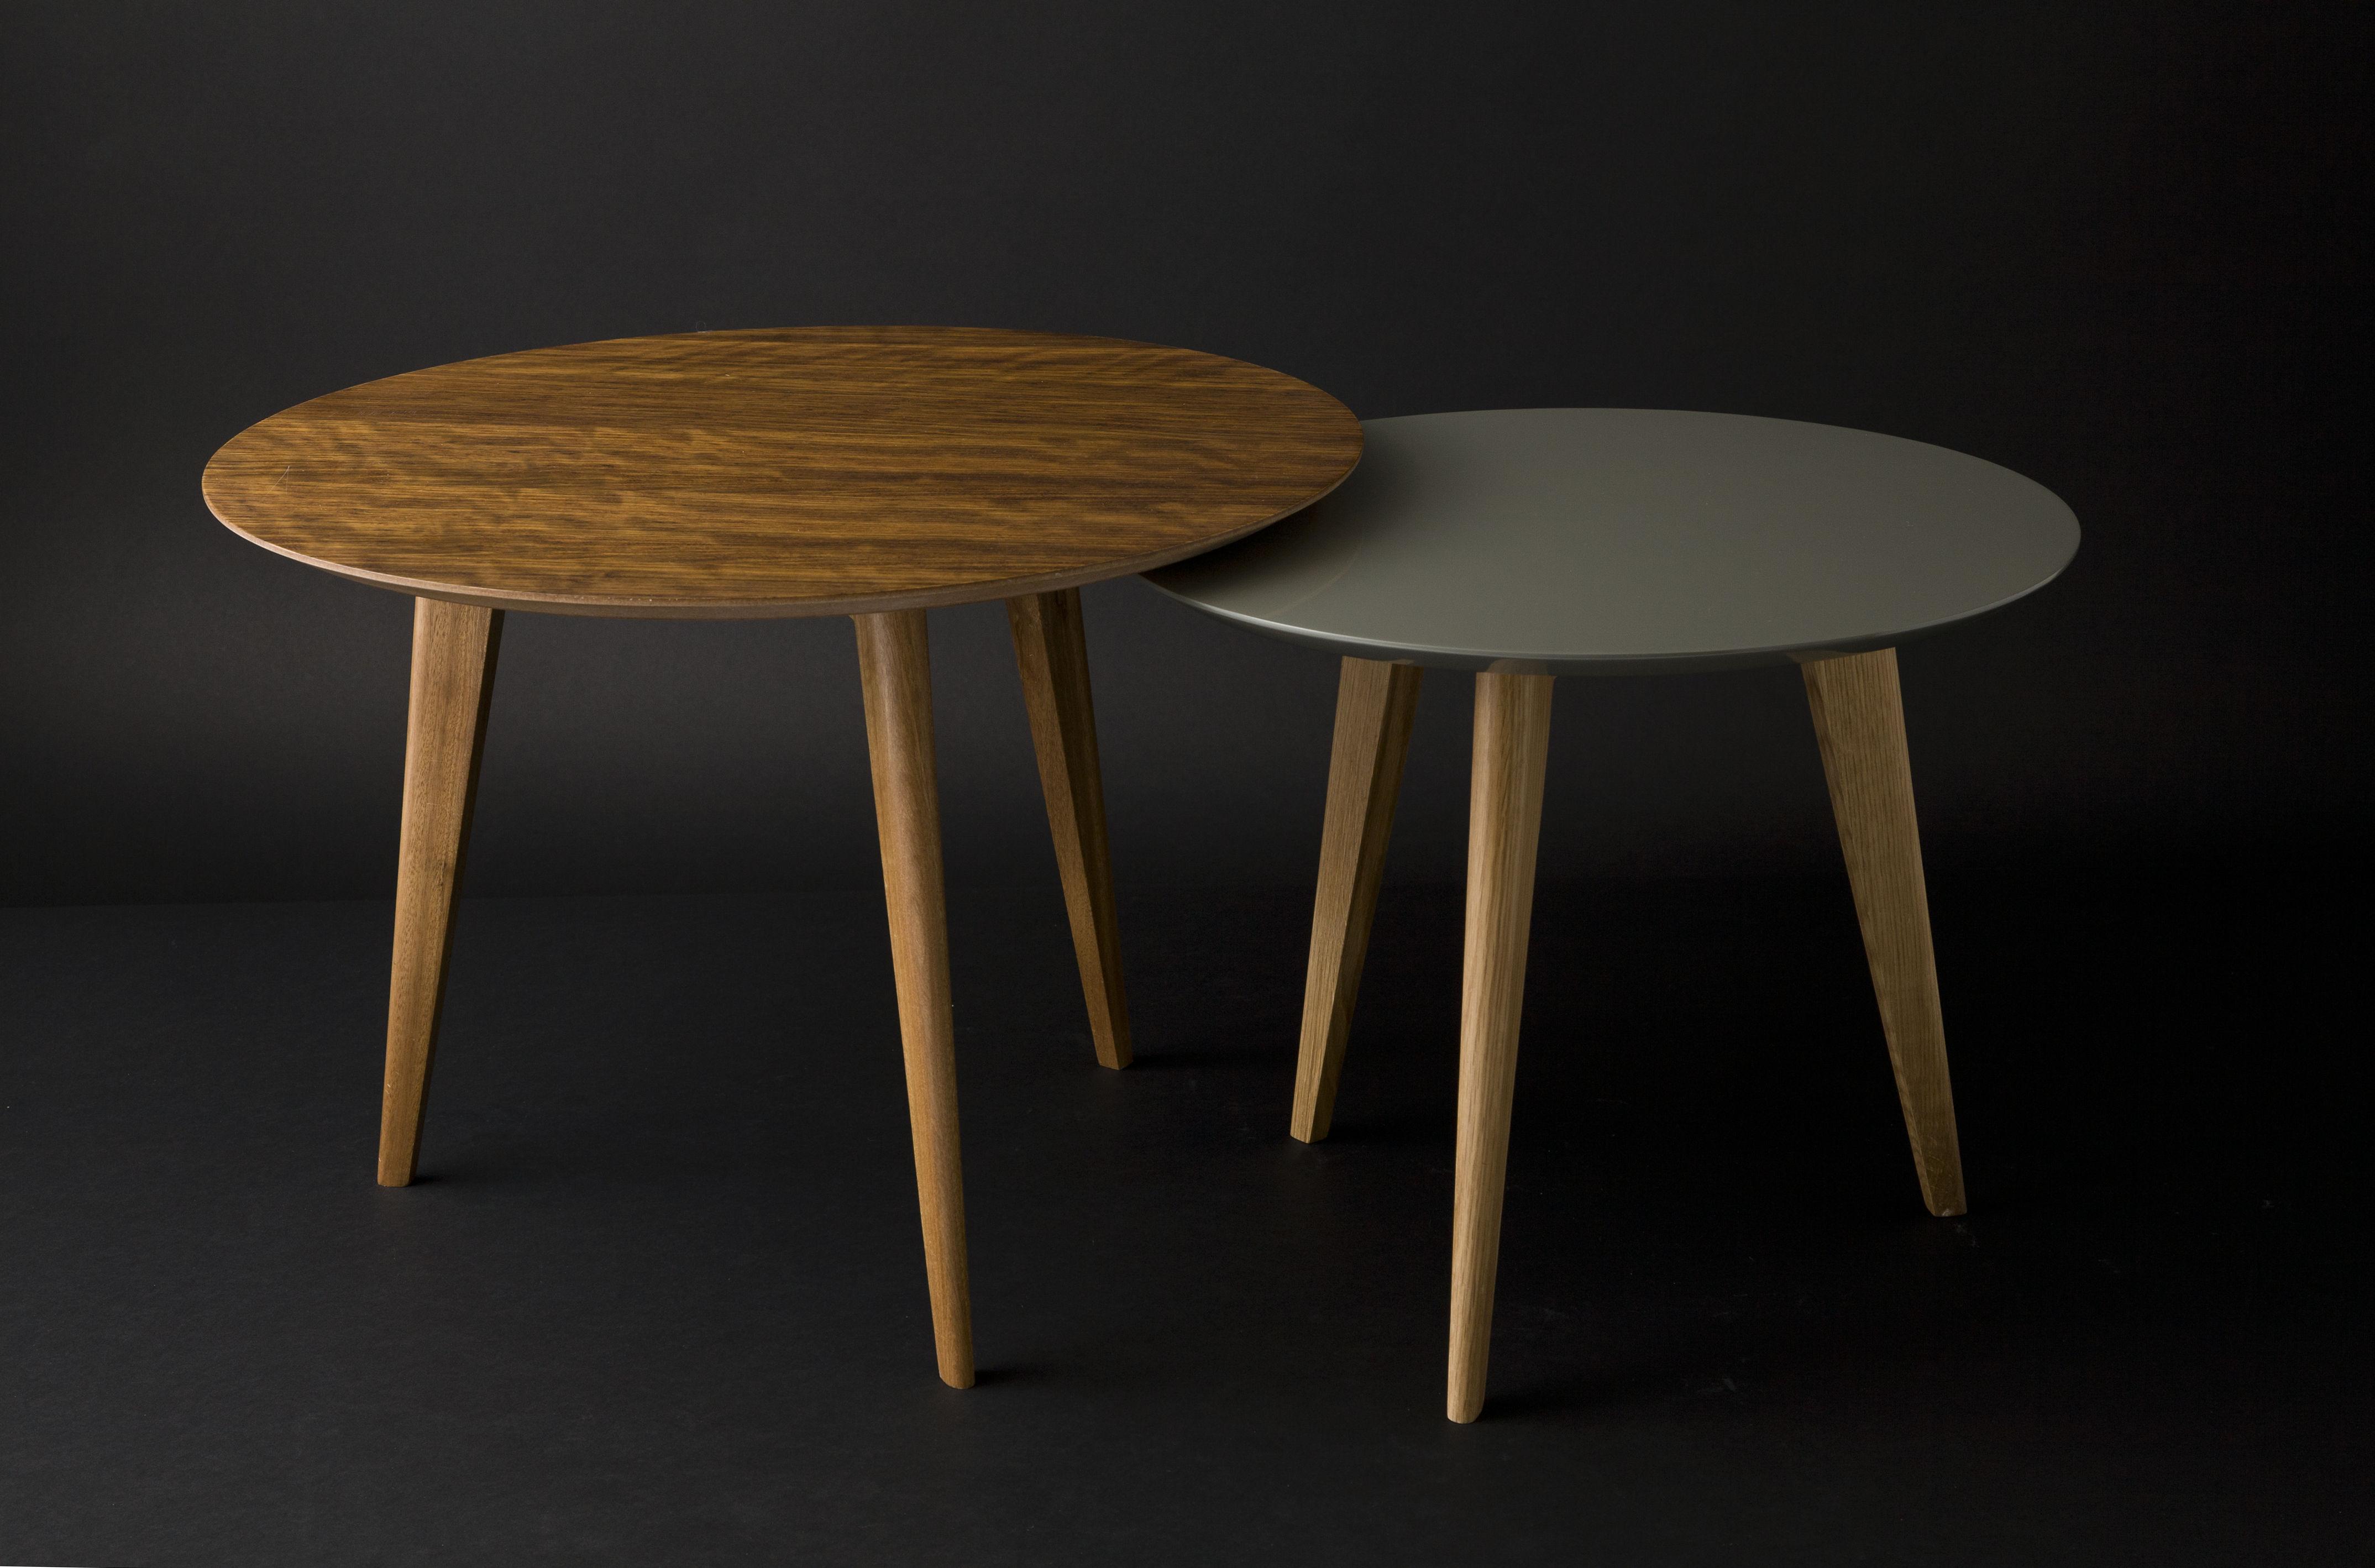 lalinde small couchtisch 45cm tischbeine aus holz rouge tischbeine dunkles holz by. Black Bedroom Furniture Sets. Home Design Ideas